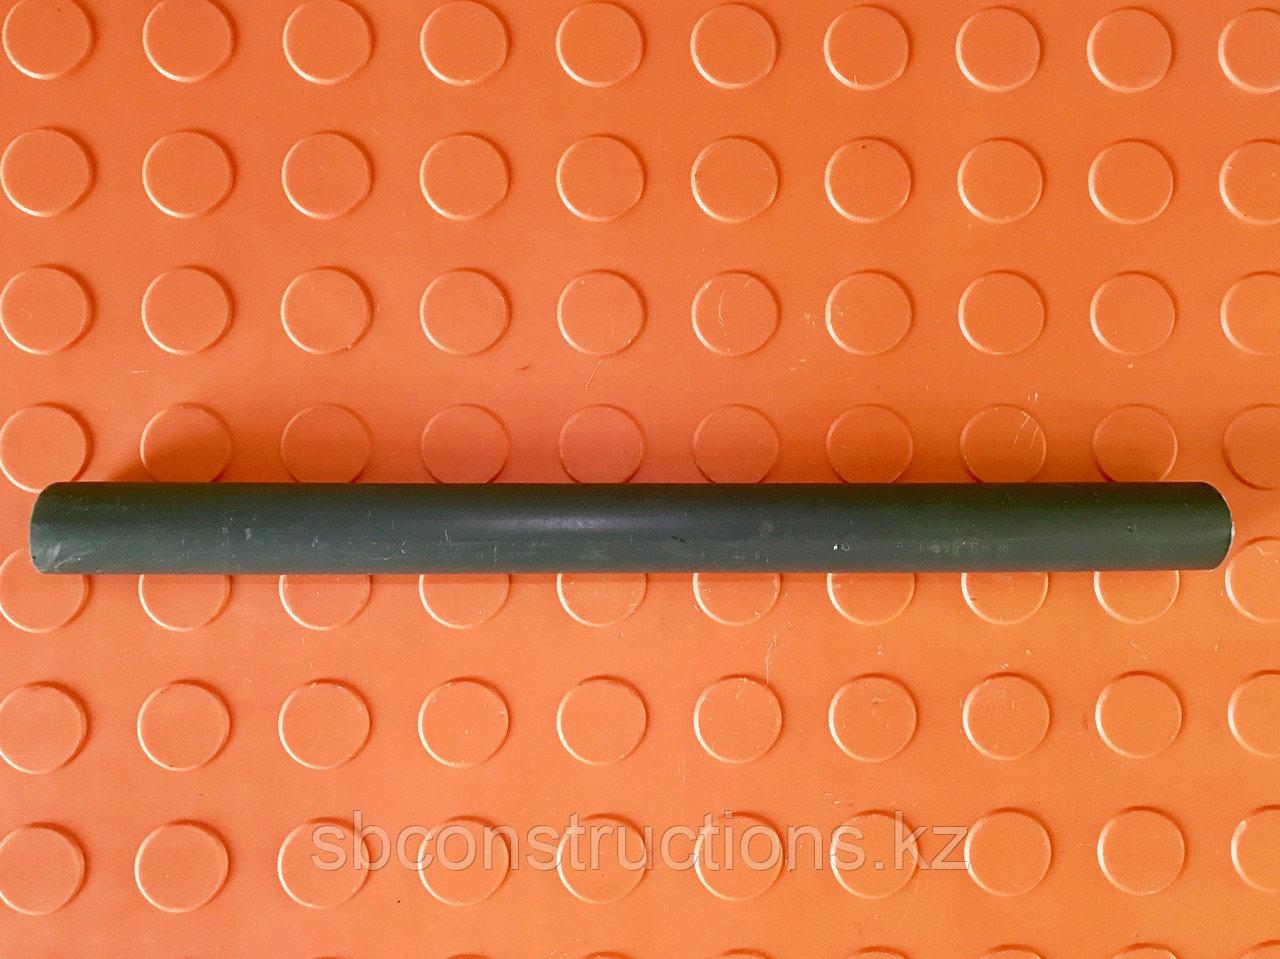 ПВХ трубка винтового стержня для опалубки (тайрот, стяжка, анкерный болт)